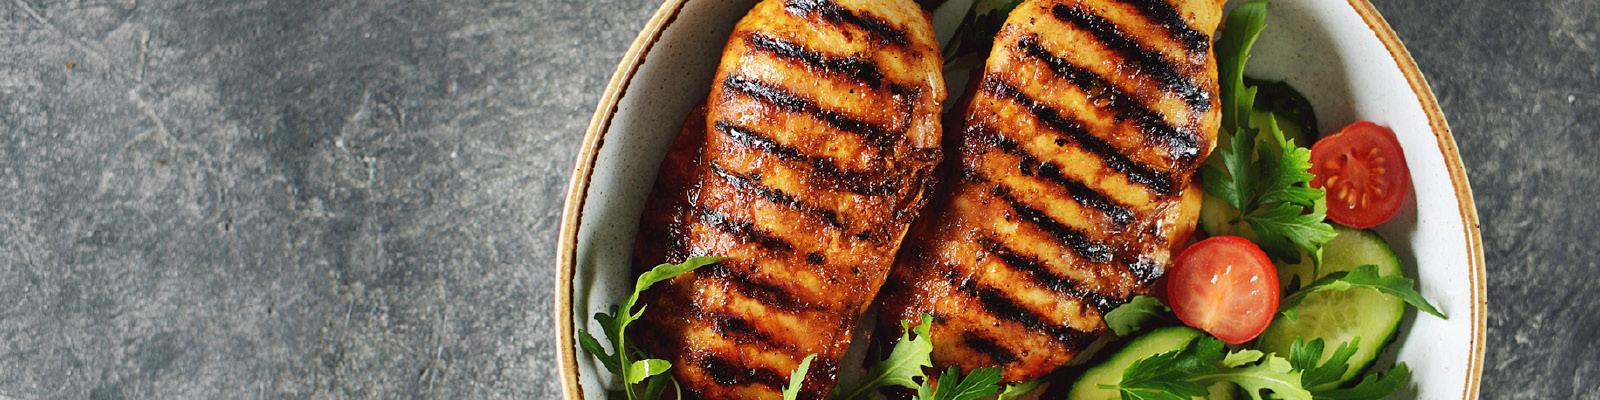 Best-BBQ-Chicken-Marinade-1600x400.jpg